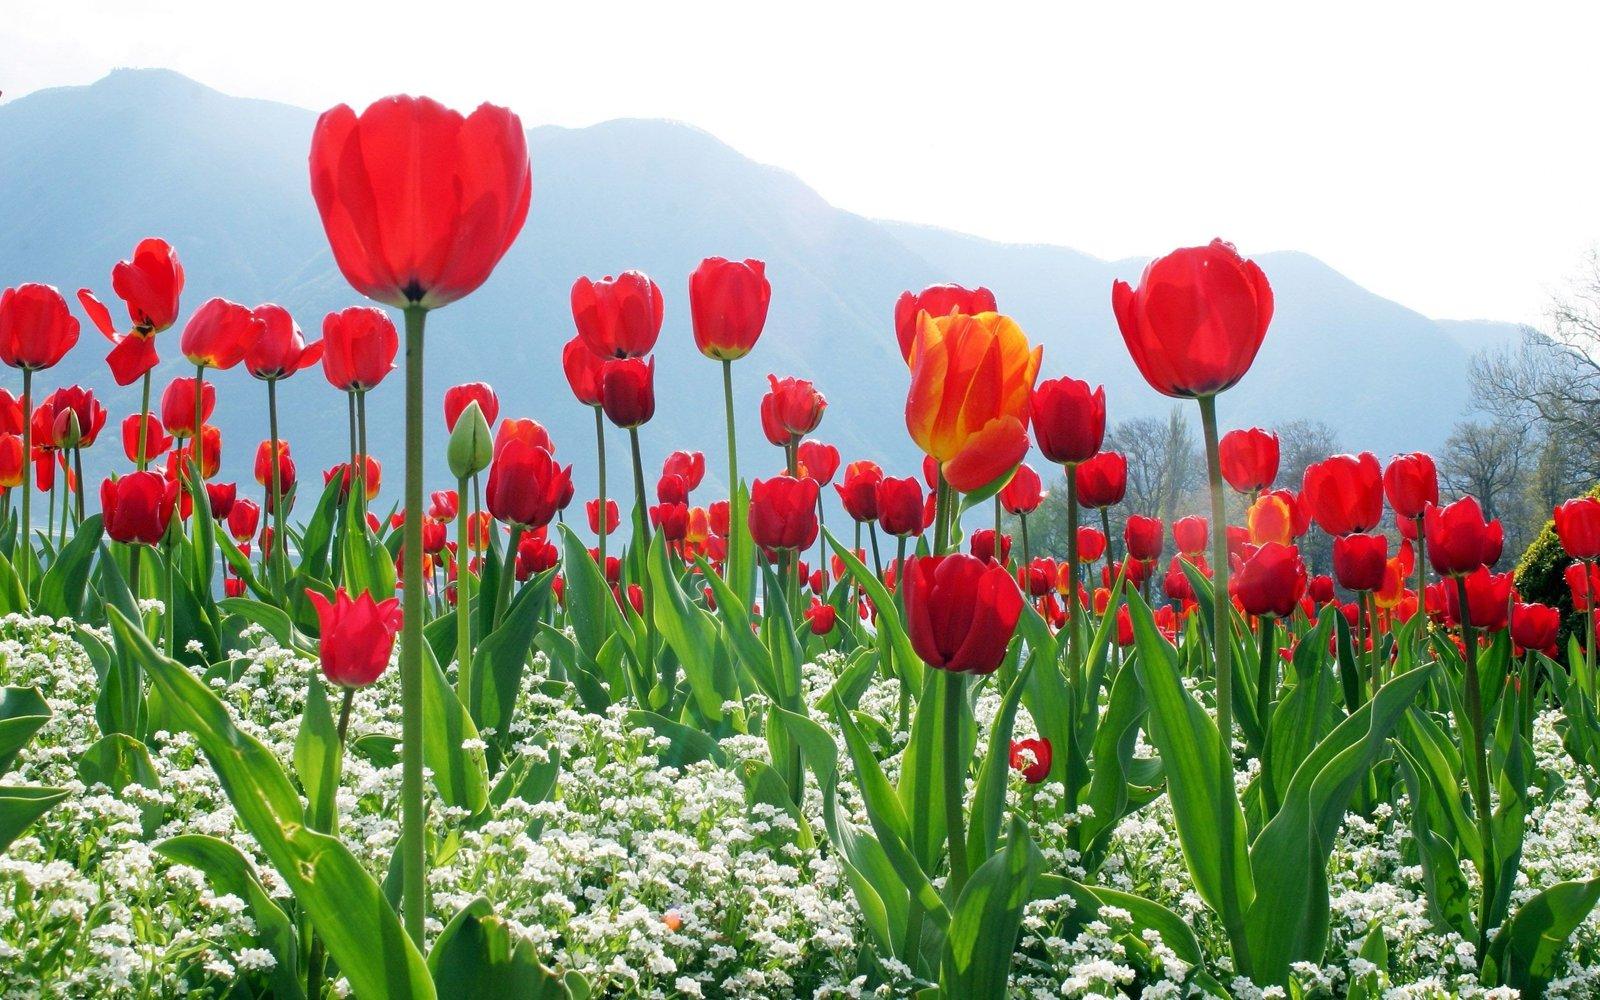 Ảnh cánh đồng hoa Tulip đẹp nhất